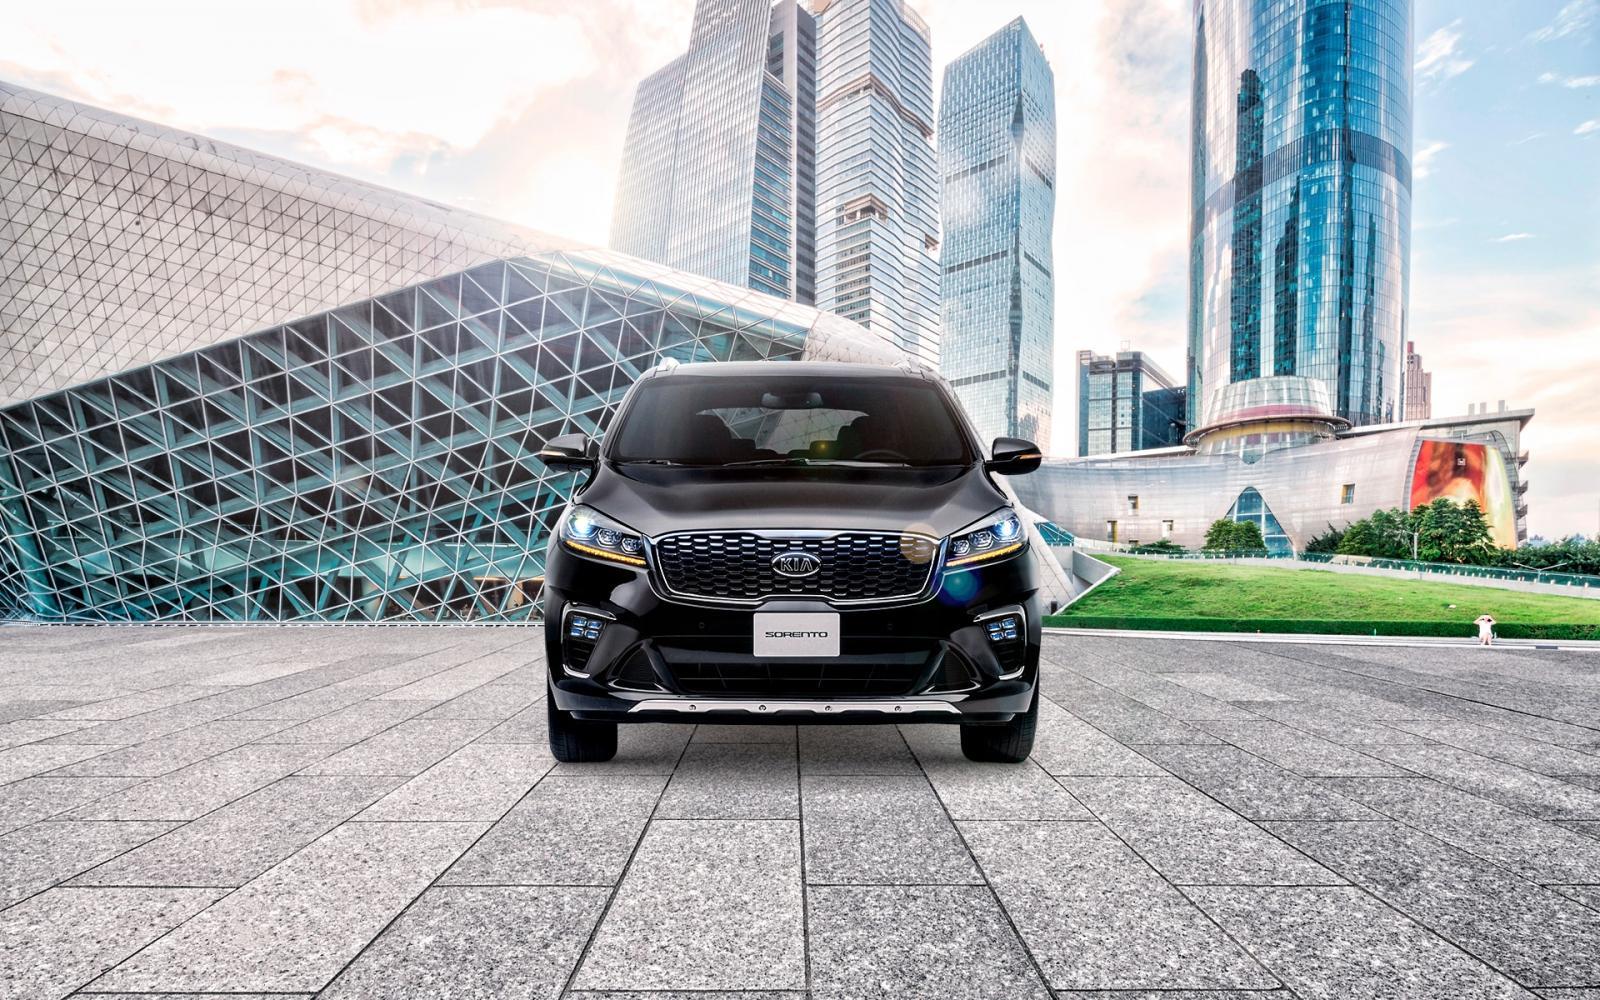 La Kia Sorento SXL AWD 2019 puede interesarle a quienes tengan una familia numerosa